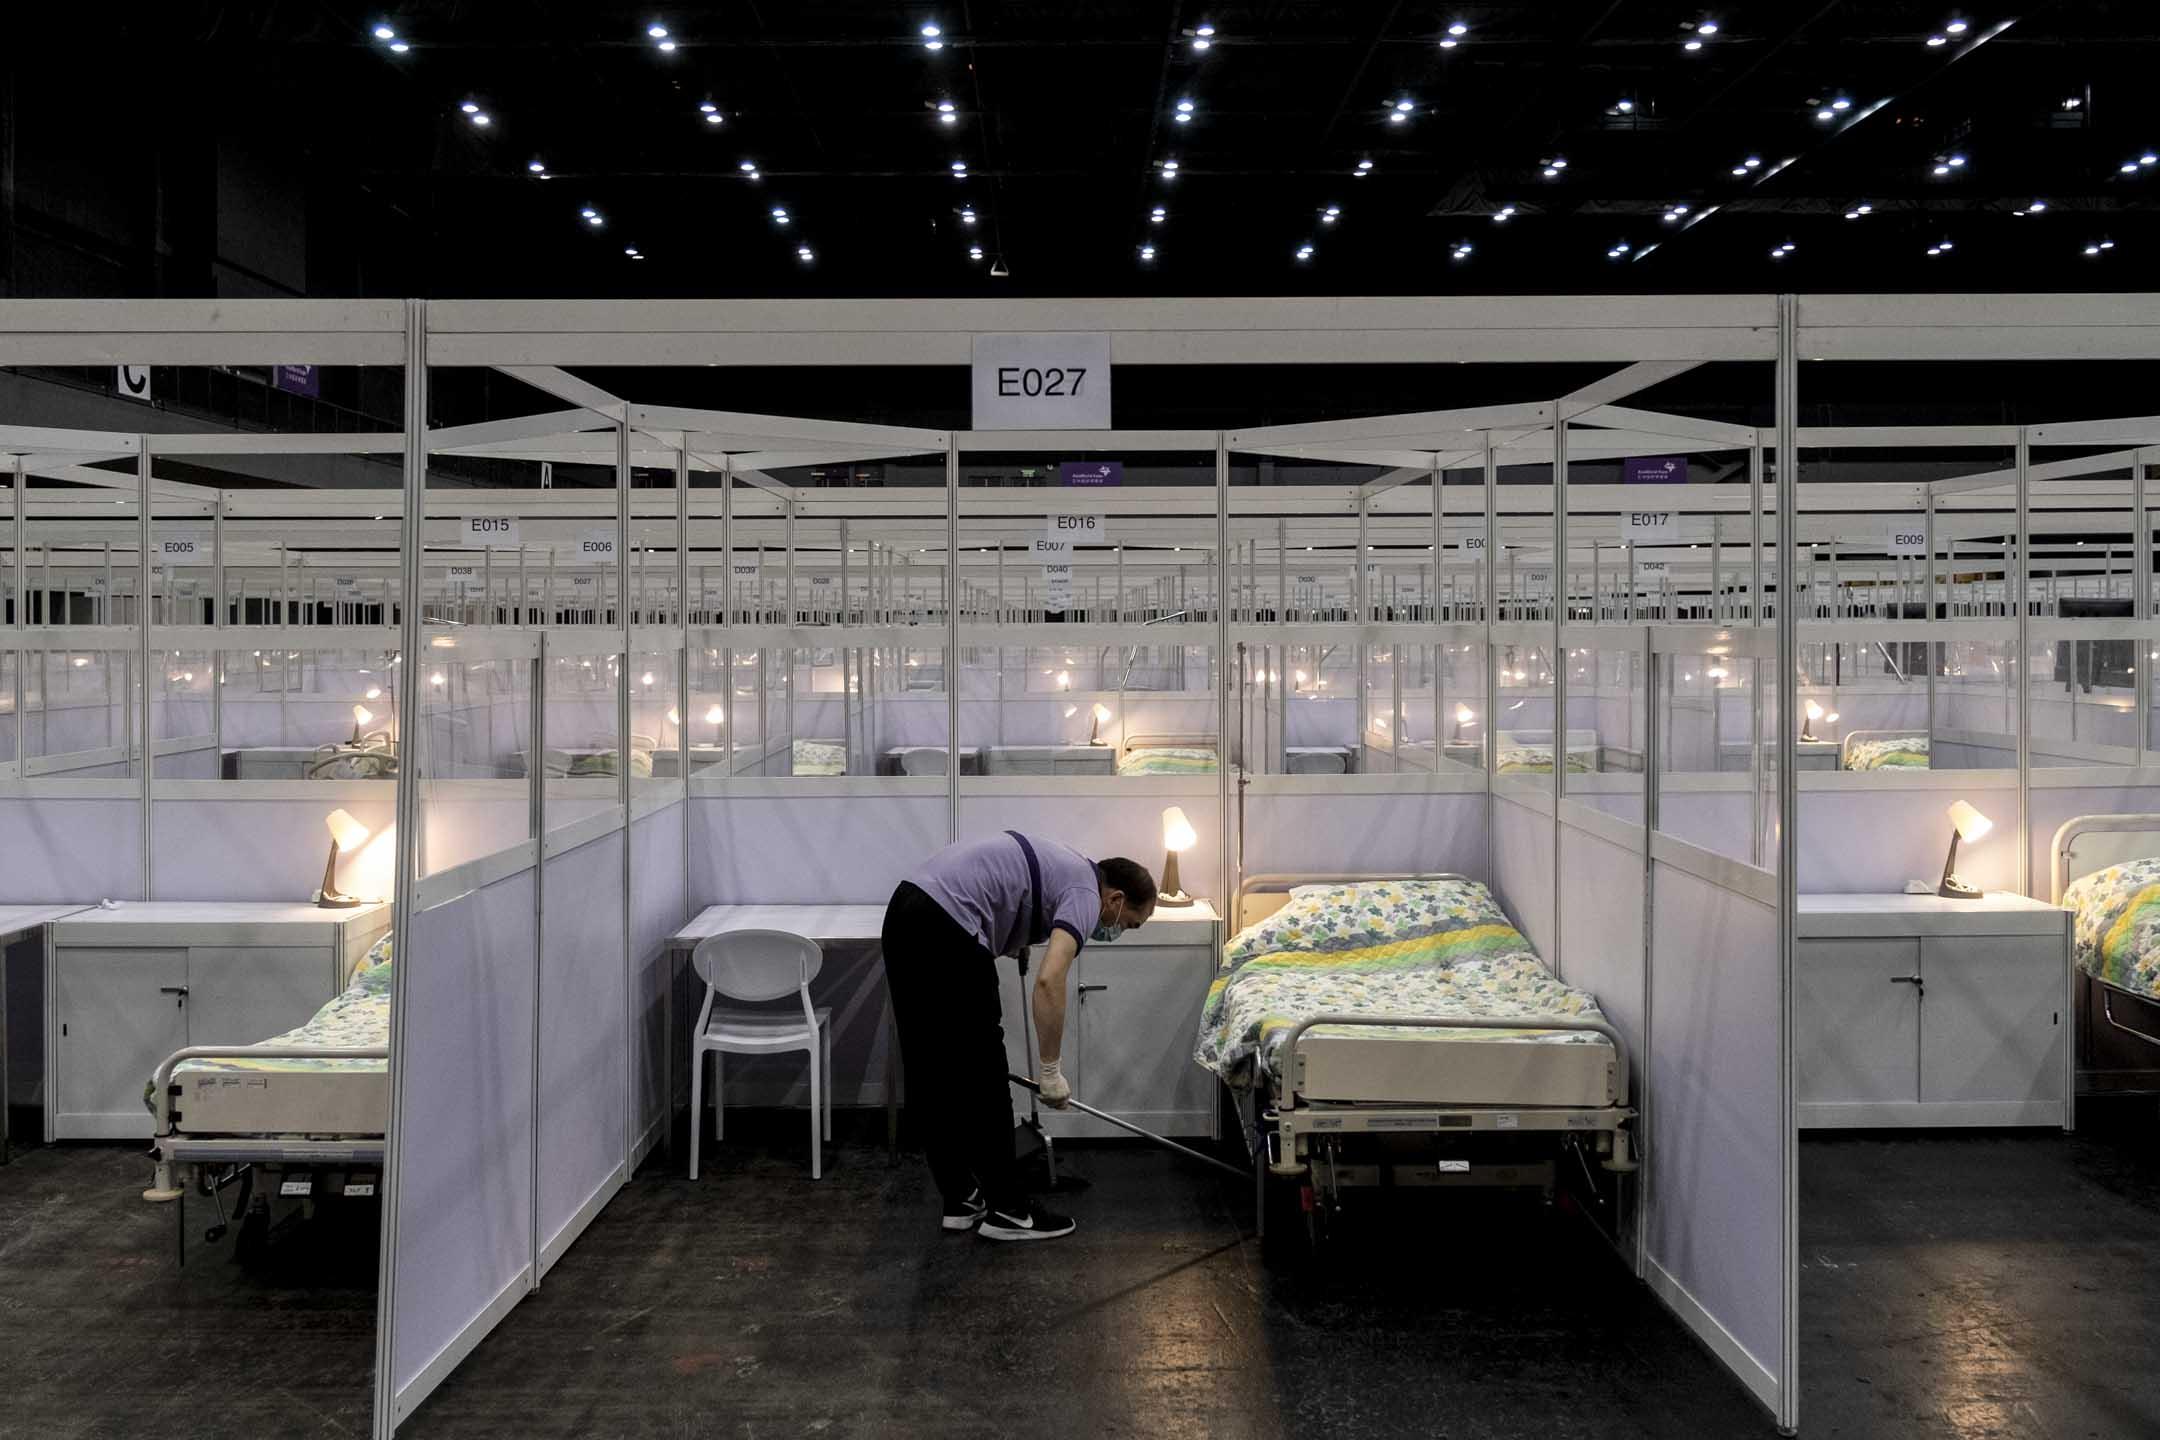 2020年8月1日,由香港亞洲國際博覽館一號館改建的「方艙醫院」正式啟用,並於中午收治了首批新冠肺炎確診病患。 圖:端傳媒